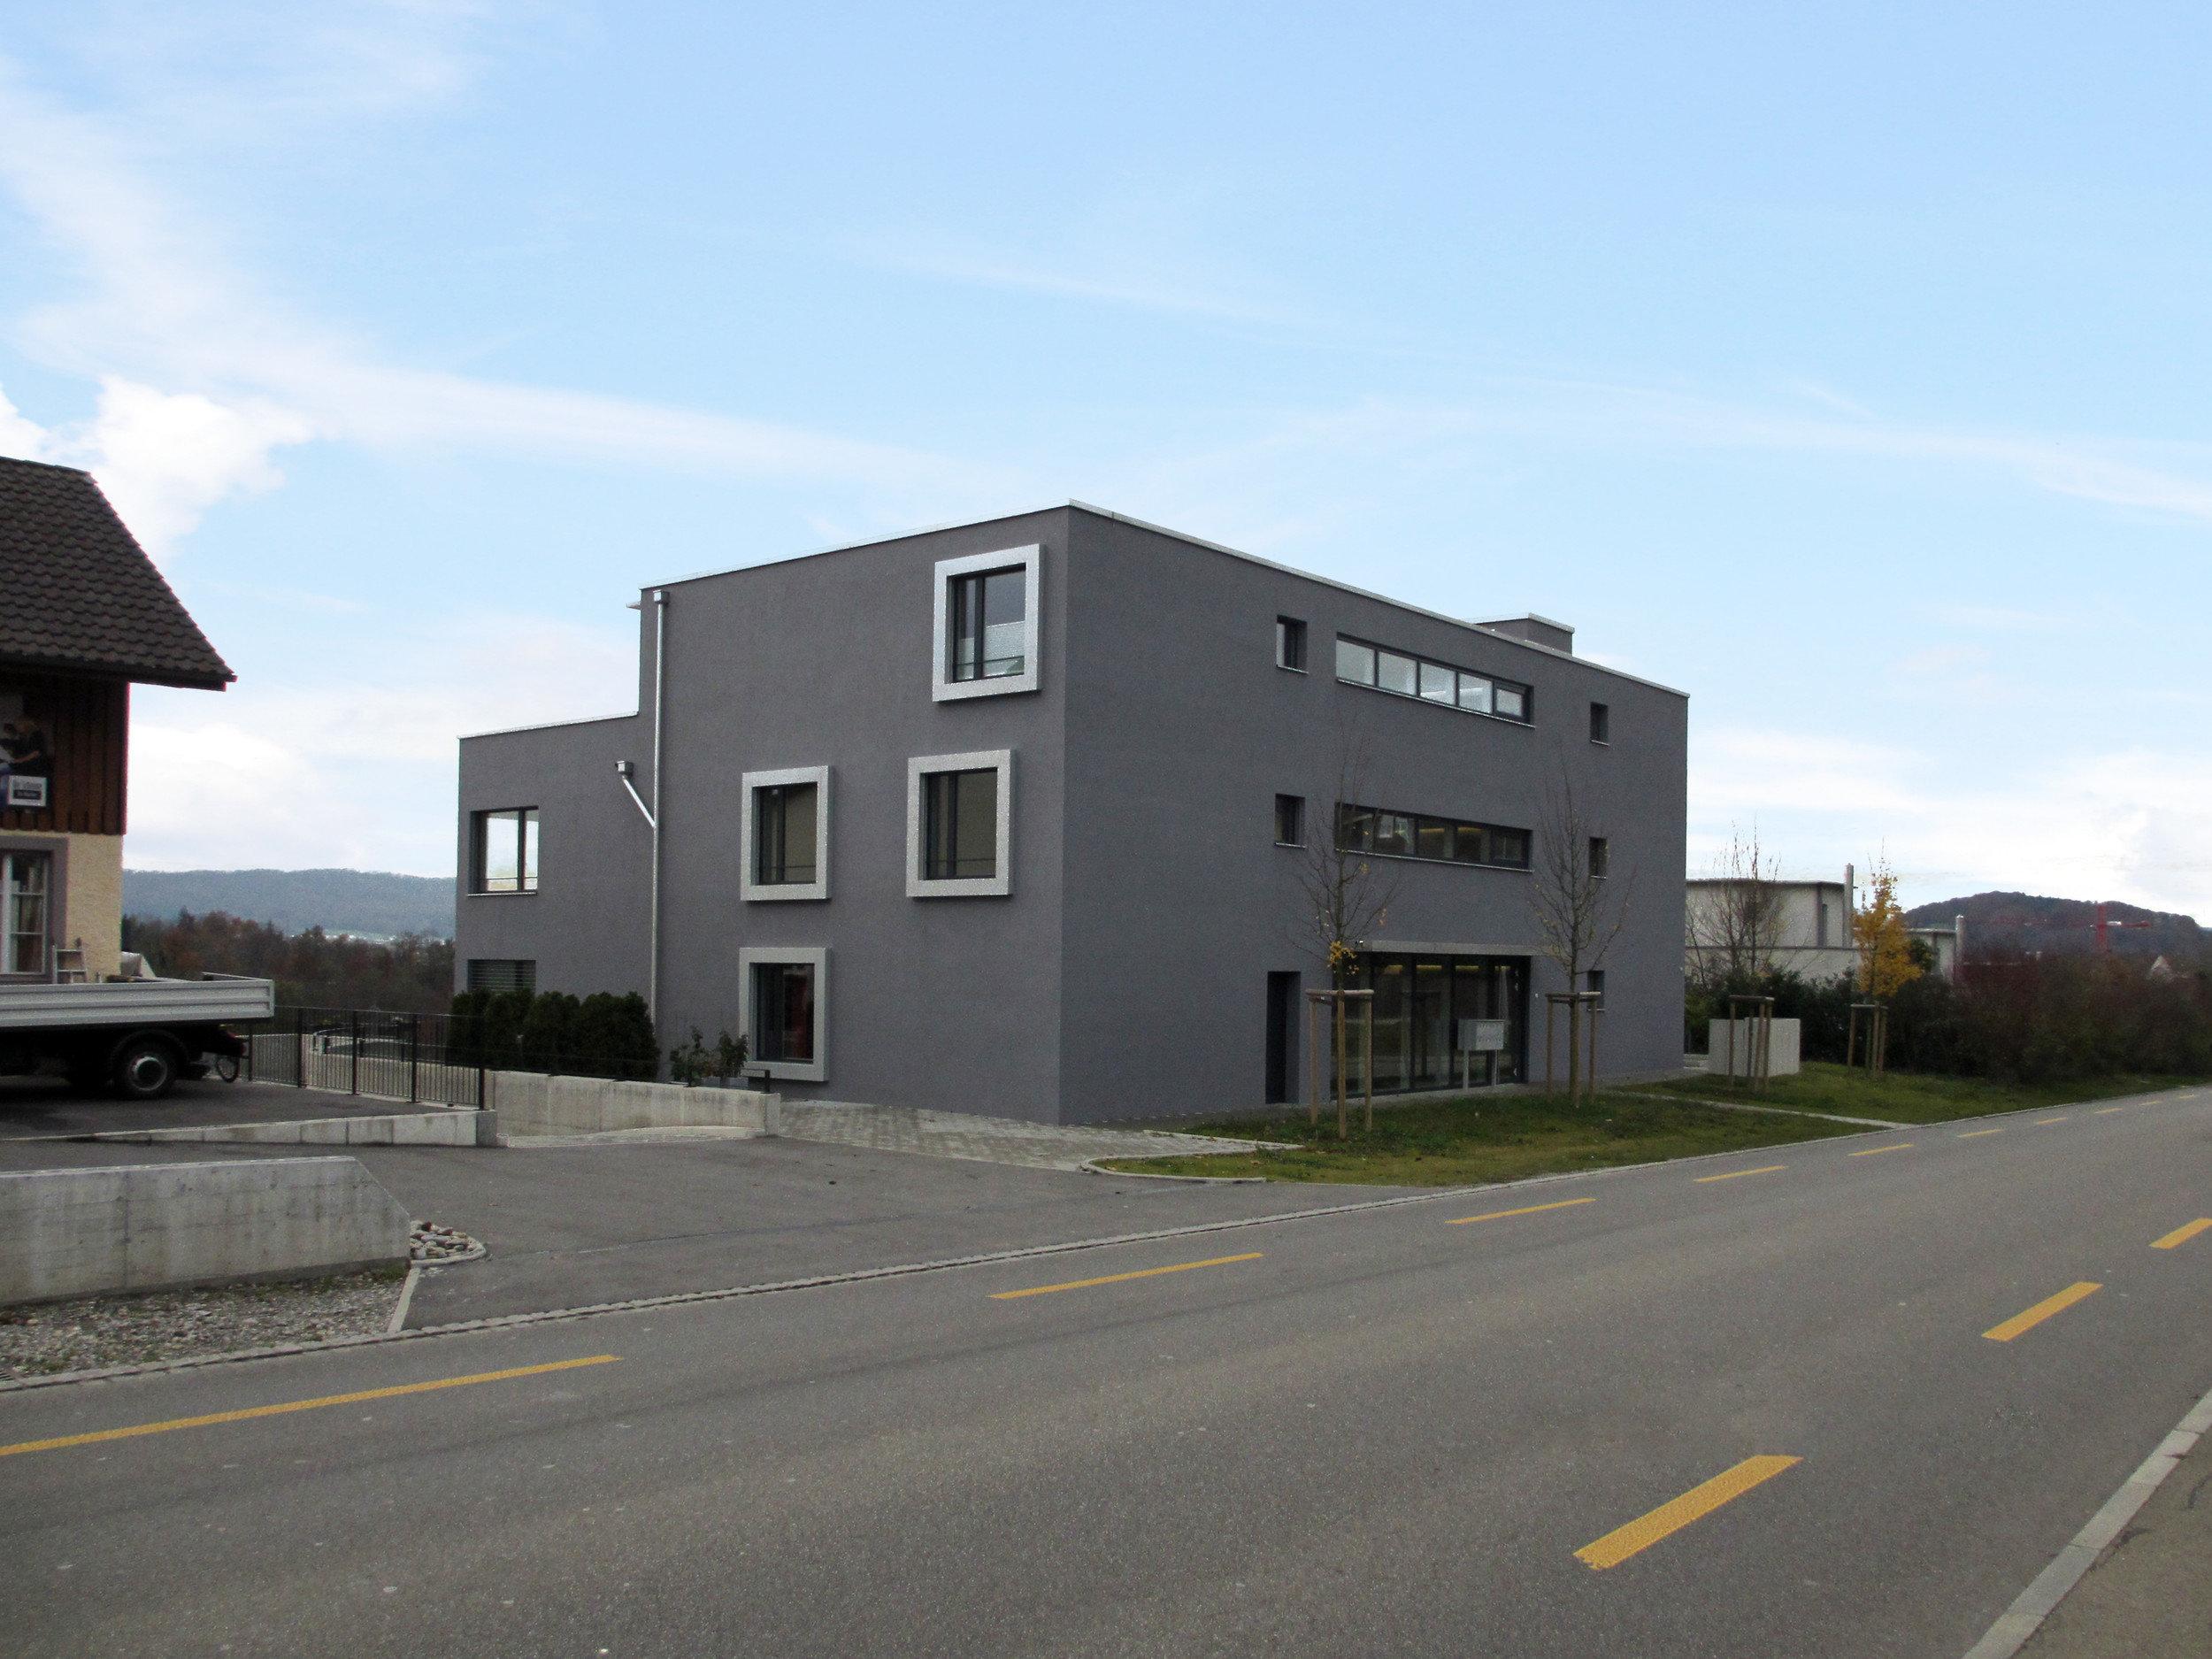 3-geschossiges MFH mit 4 quadratischen Fenstern auf linker Seite